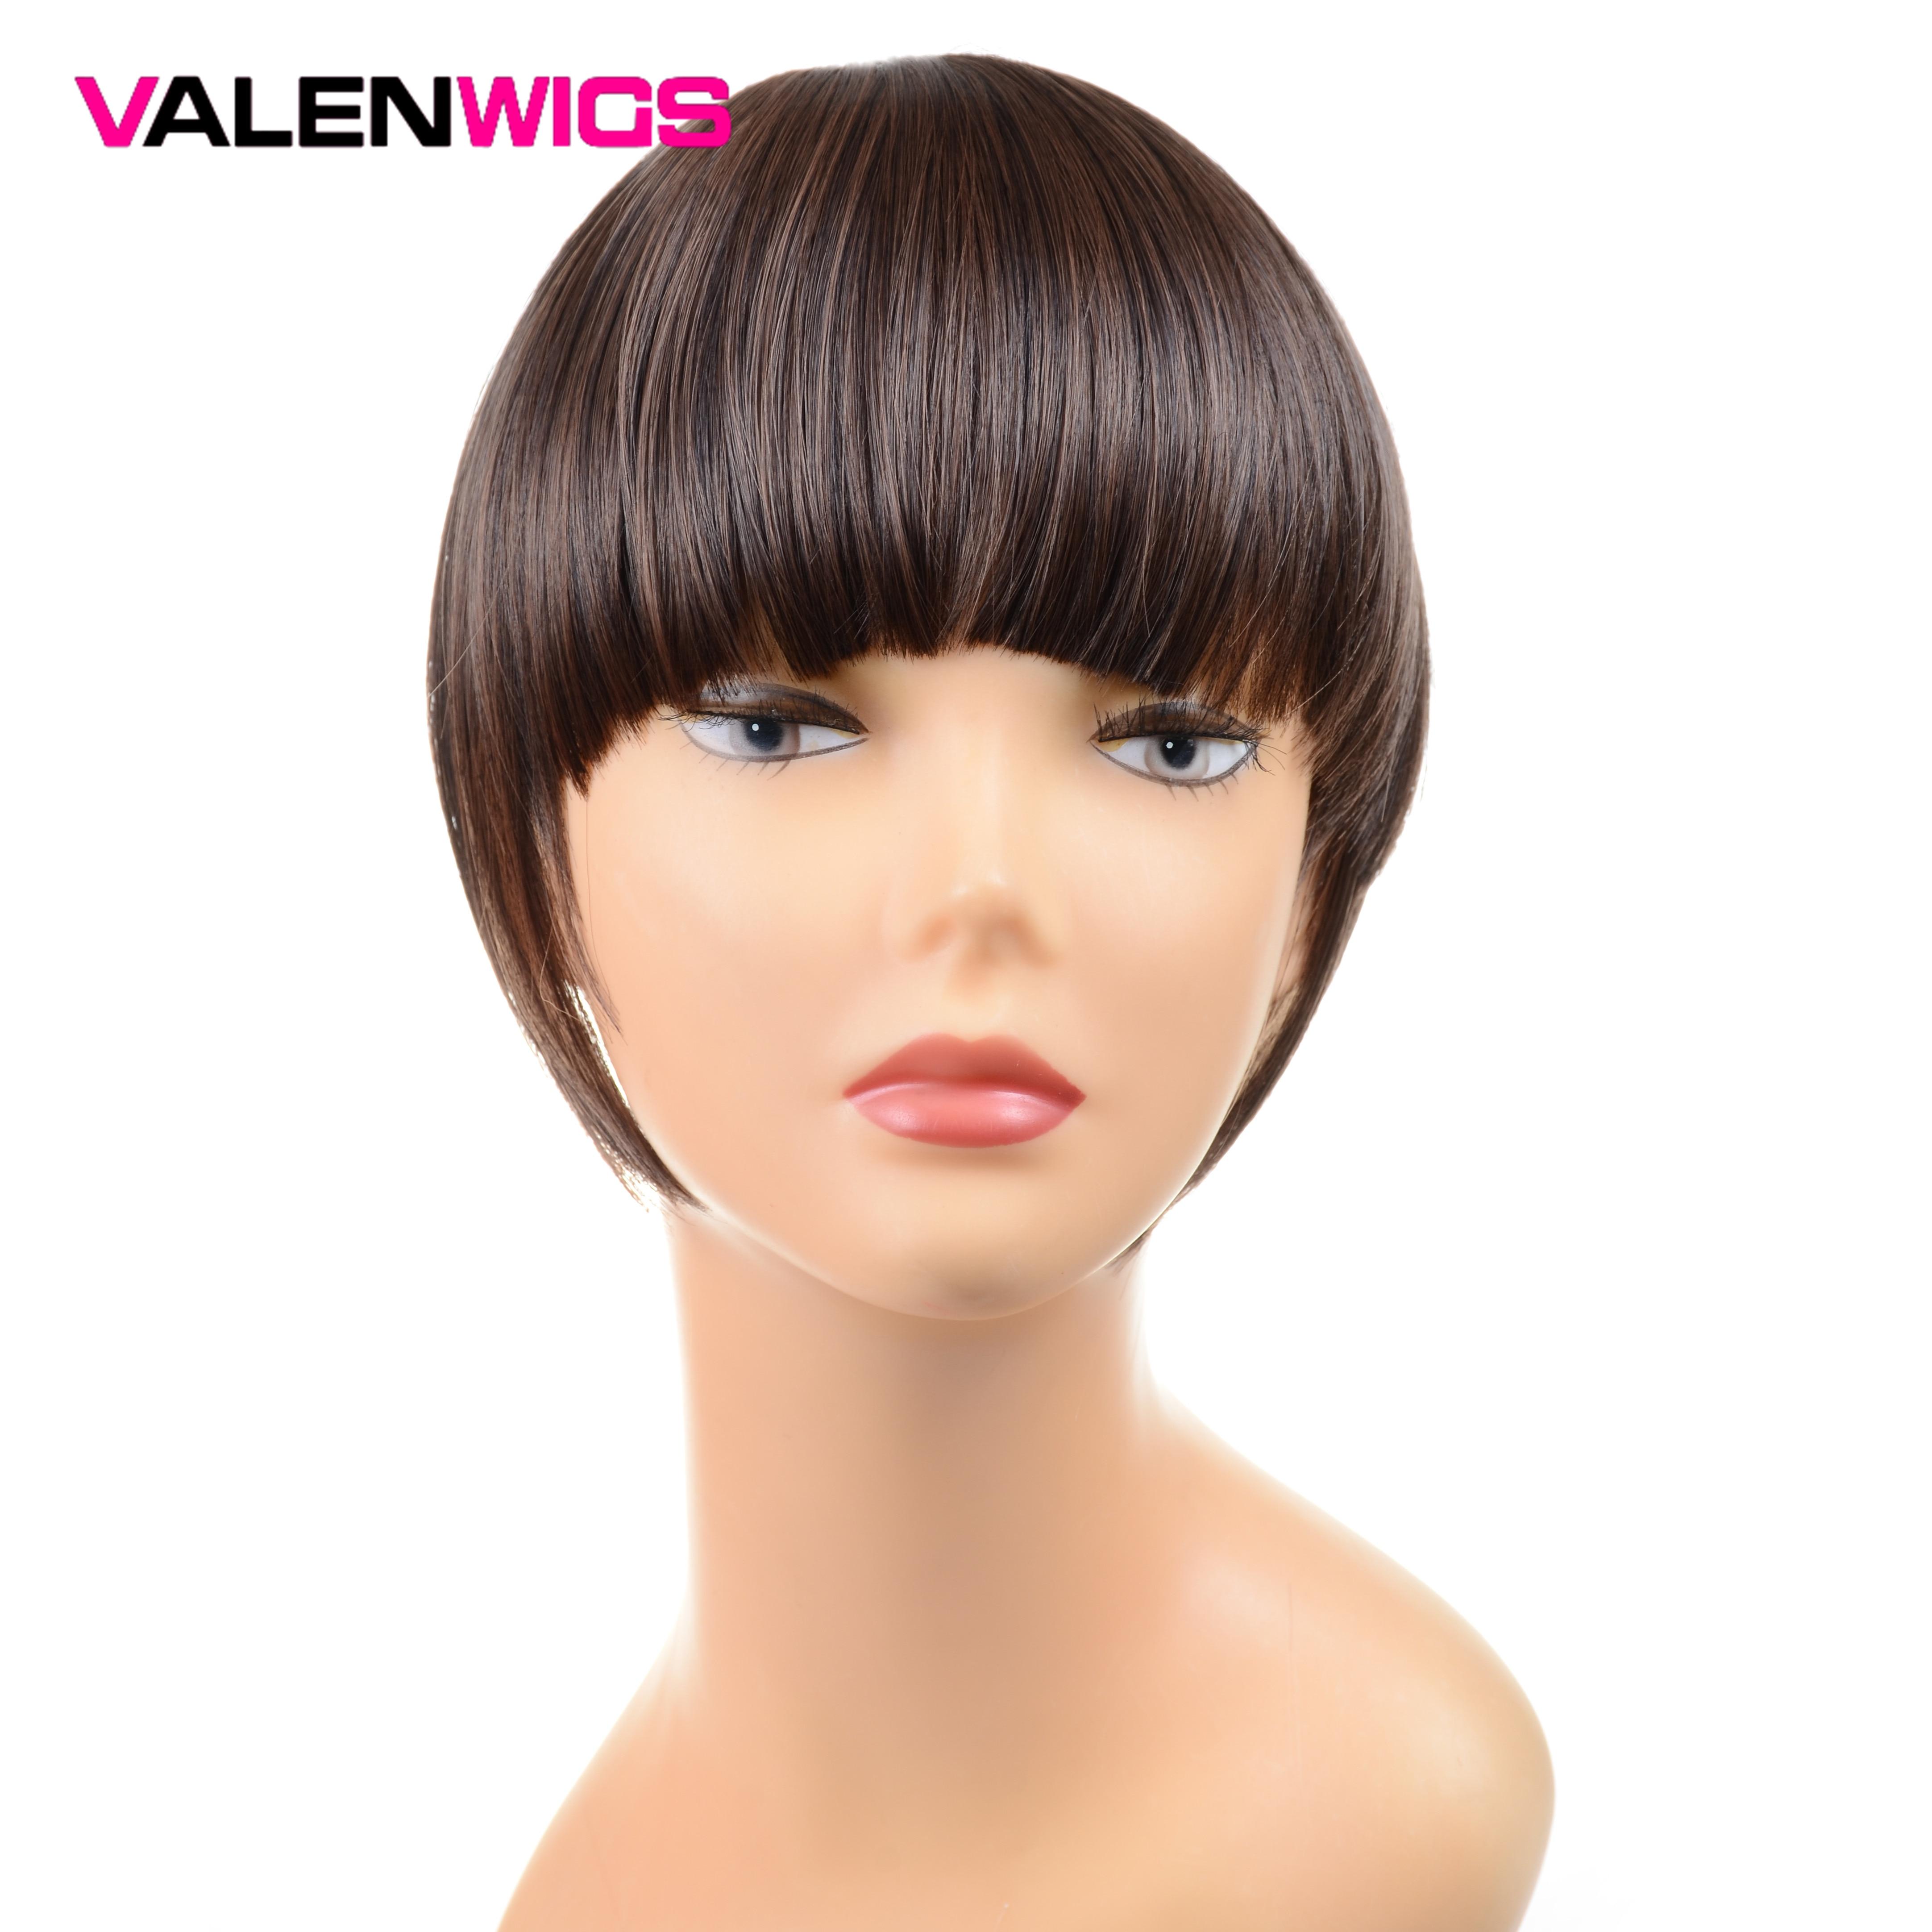 Valentwigs 6 false franja falsa grampo de cabelo em franja uma peça staight extensões de cabelo sintético frente puro franja cor pura para mulher